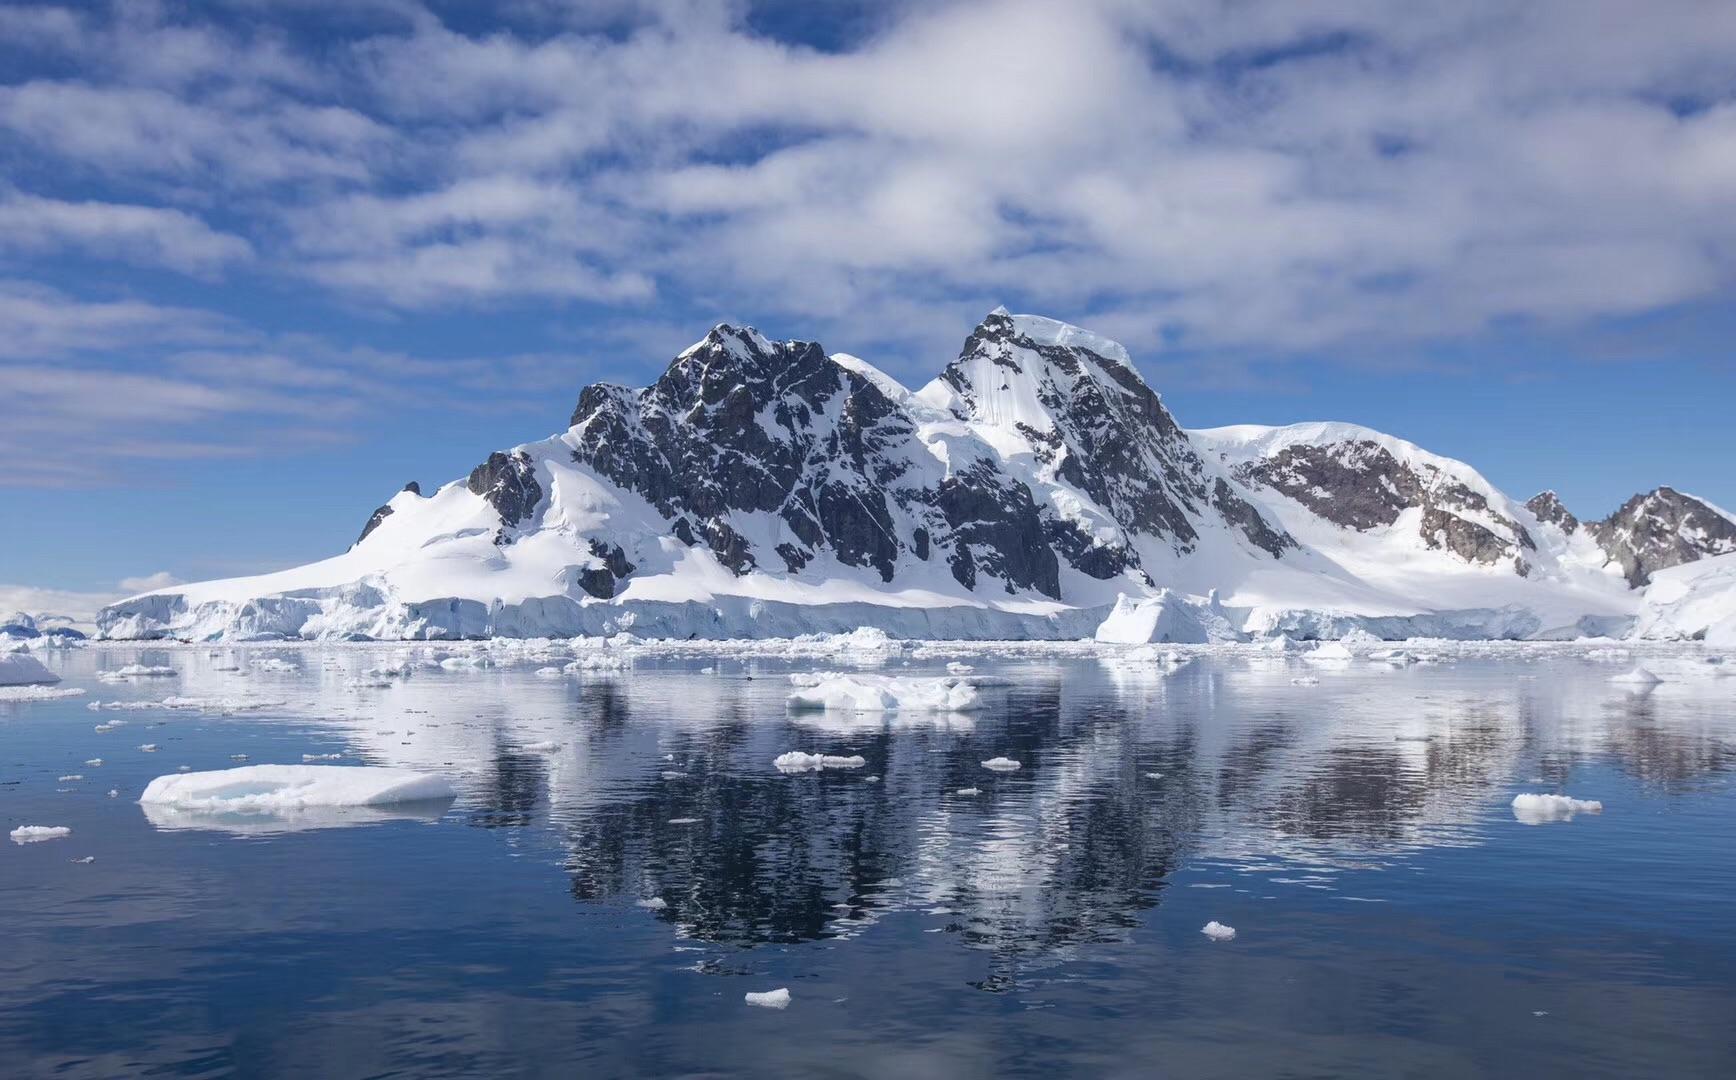 南极遇到好天气(爱心)_游记